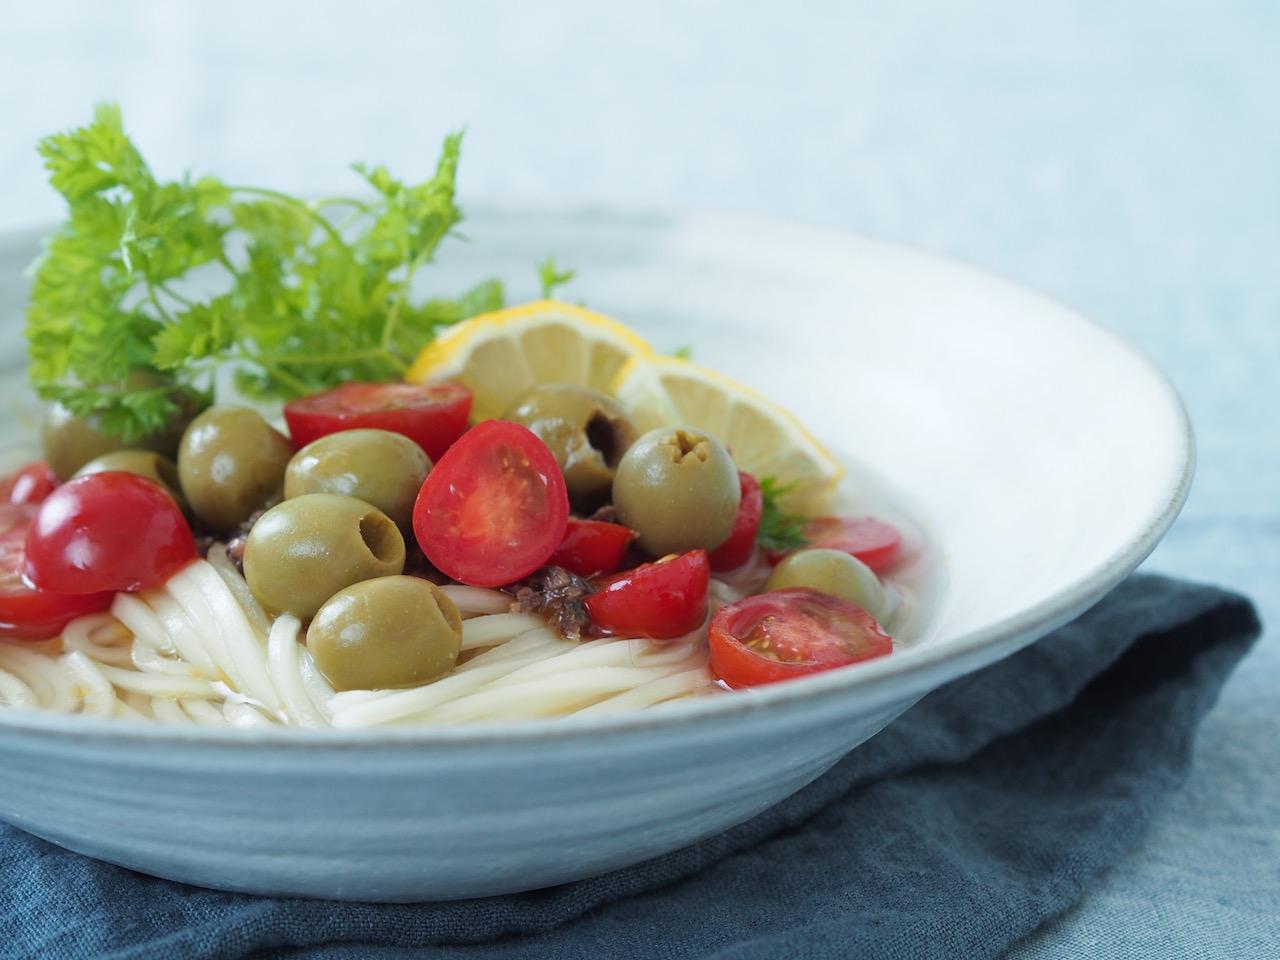 おしゃれでおいしい、イタリアンオリーブうどんレシピ